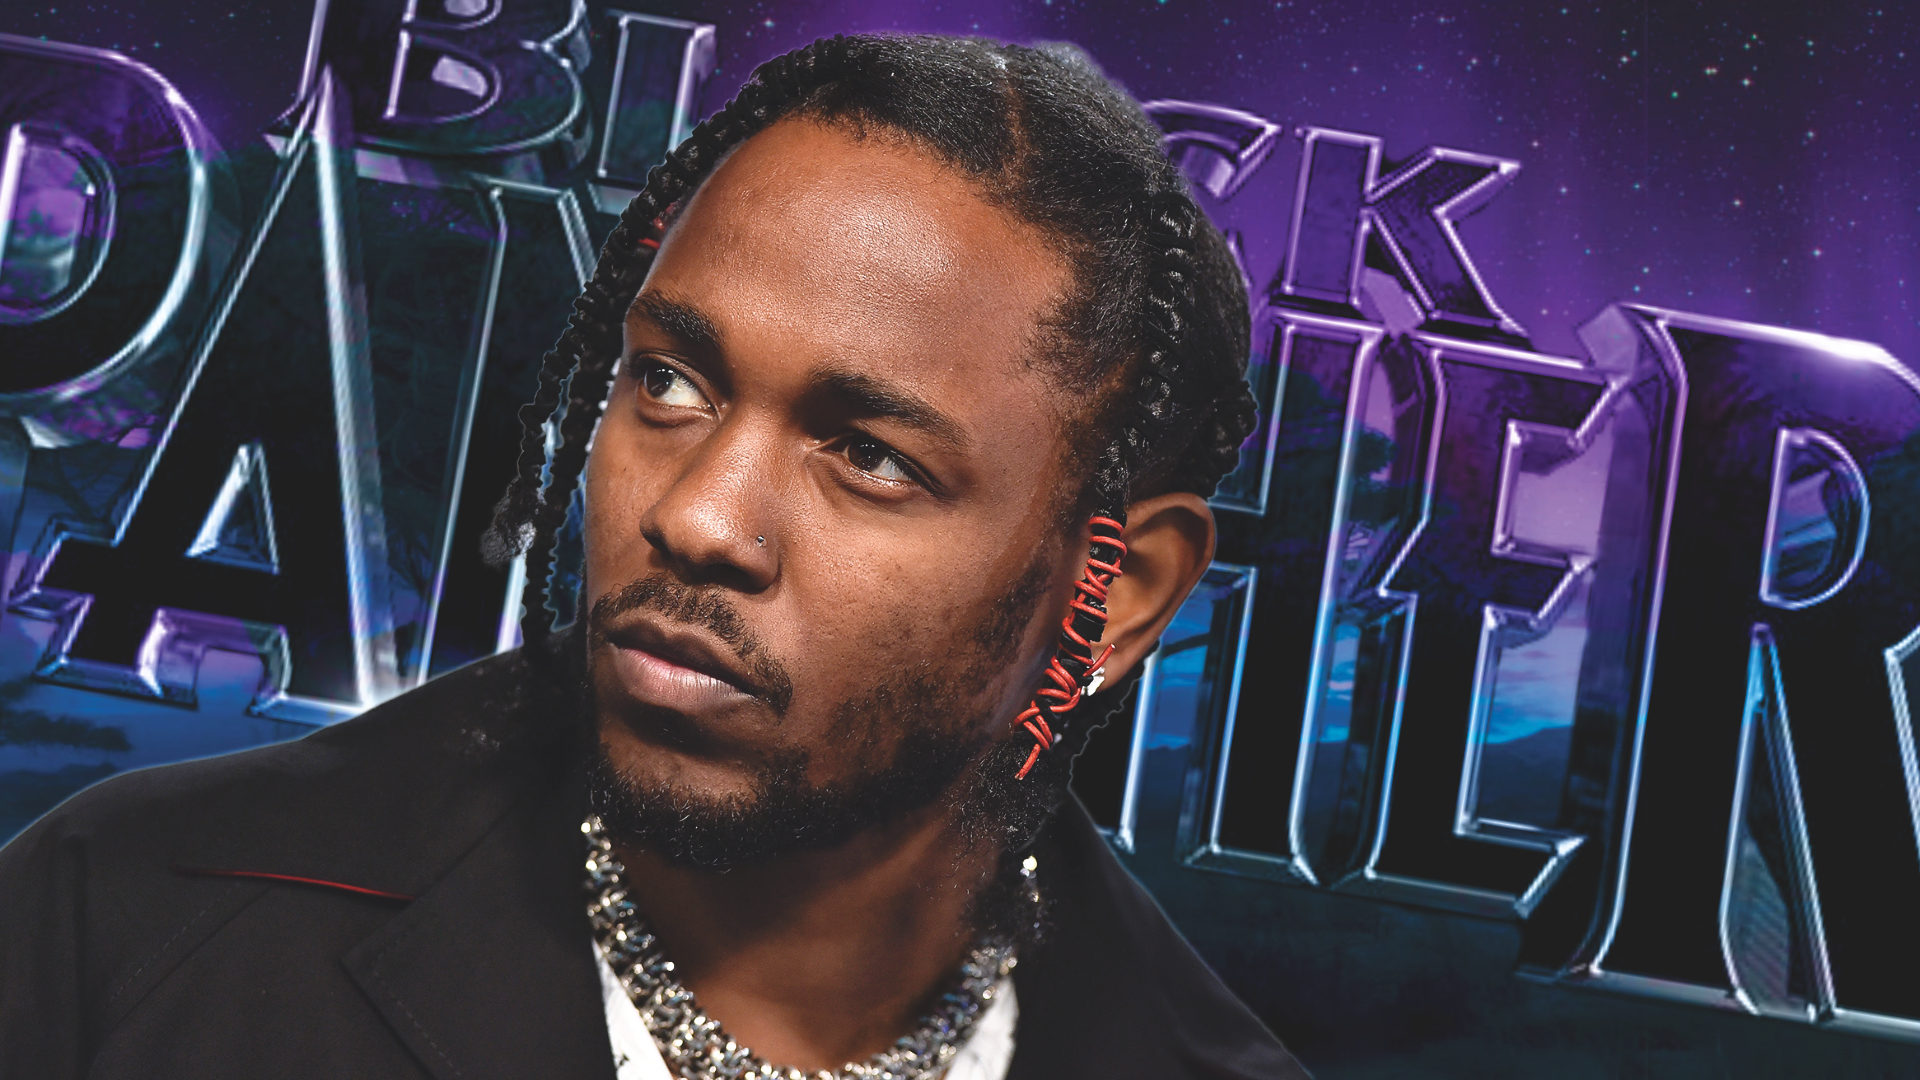 Kendrick Lamar S Black Panther The Album Review Fandomwire